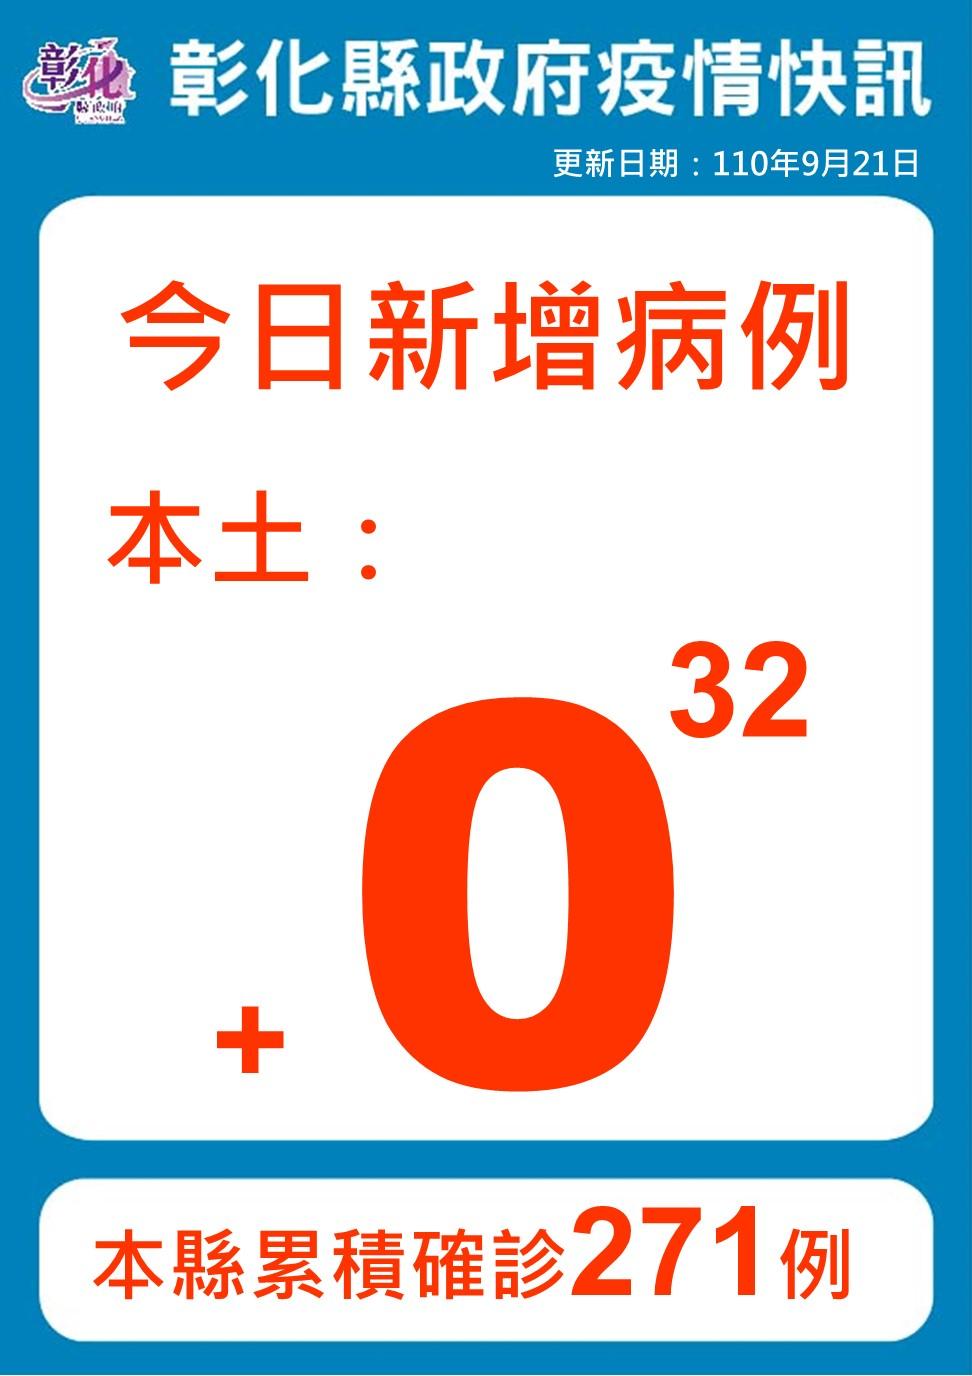 9月21日防疫說明 彰化連續第32天+0 防疫仍不能鬆懈